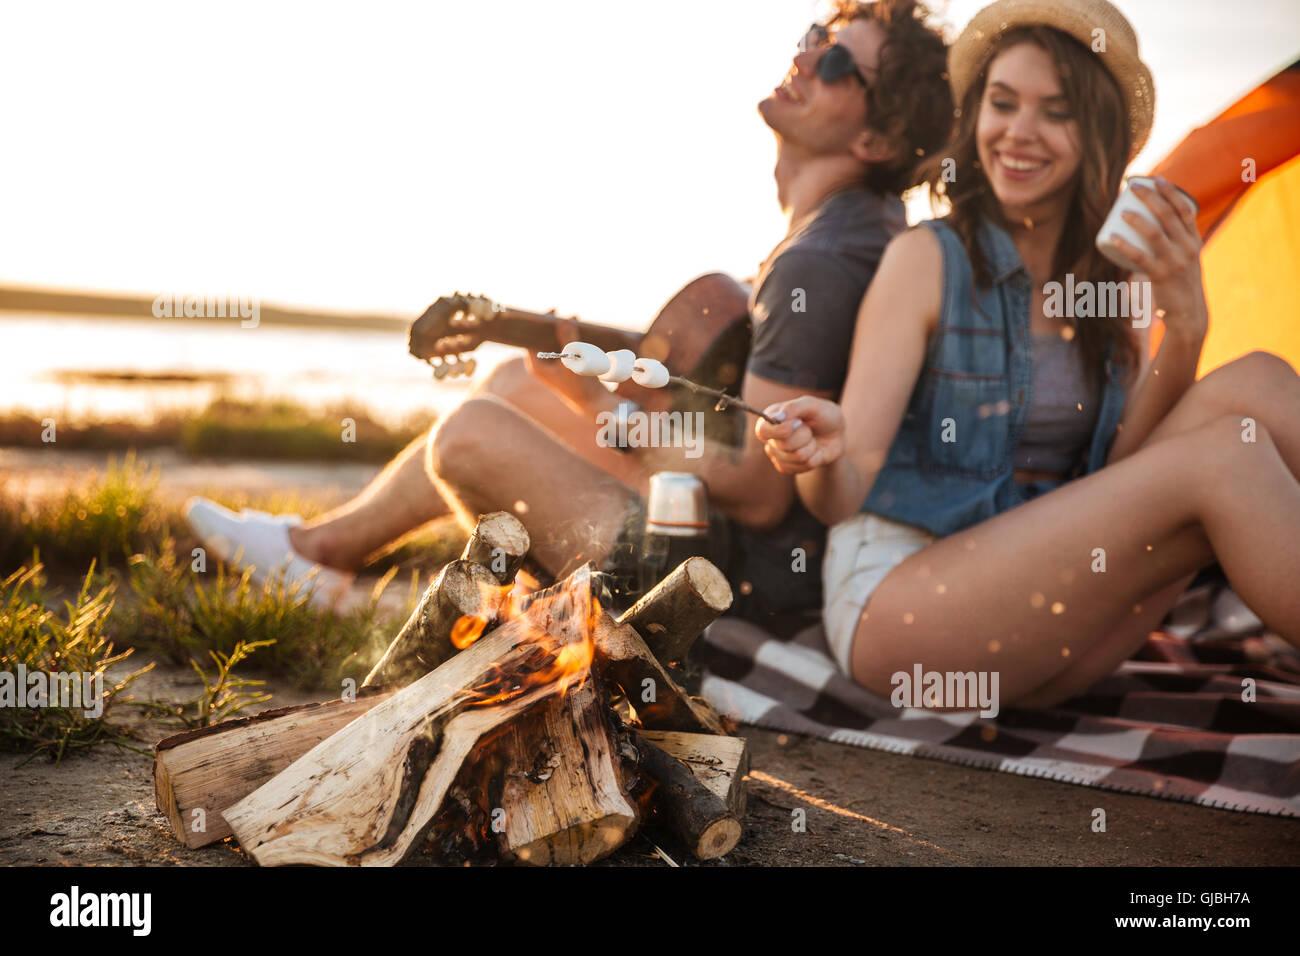 Cheerful beau jeune couple qui joue de la guitare et la friture des guimauves sur feu de camp Photo Stock